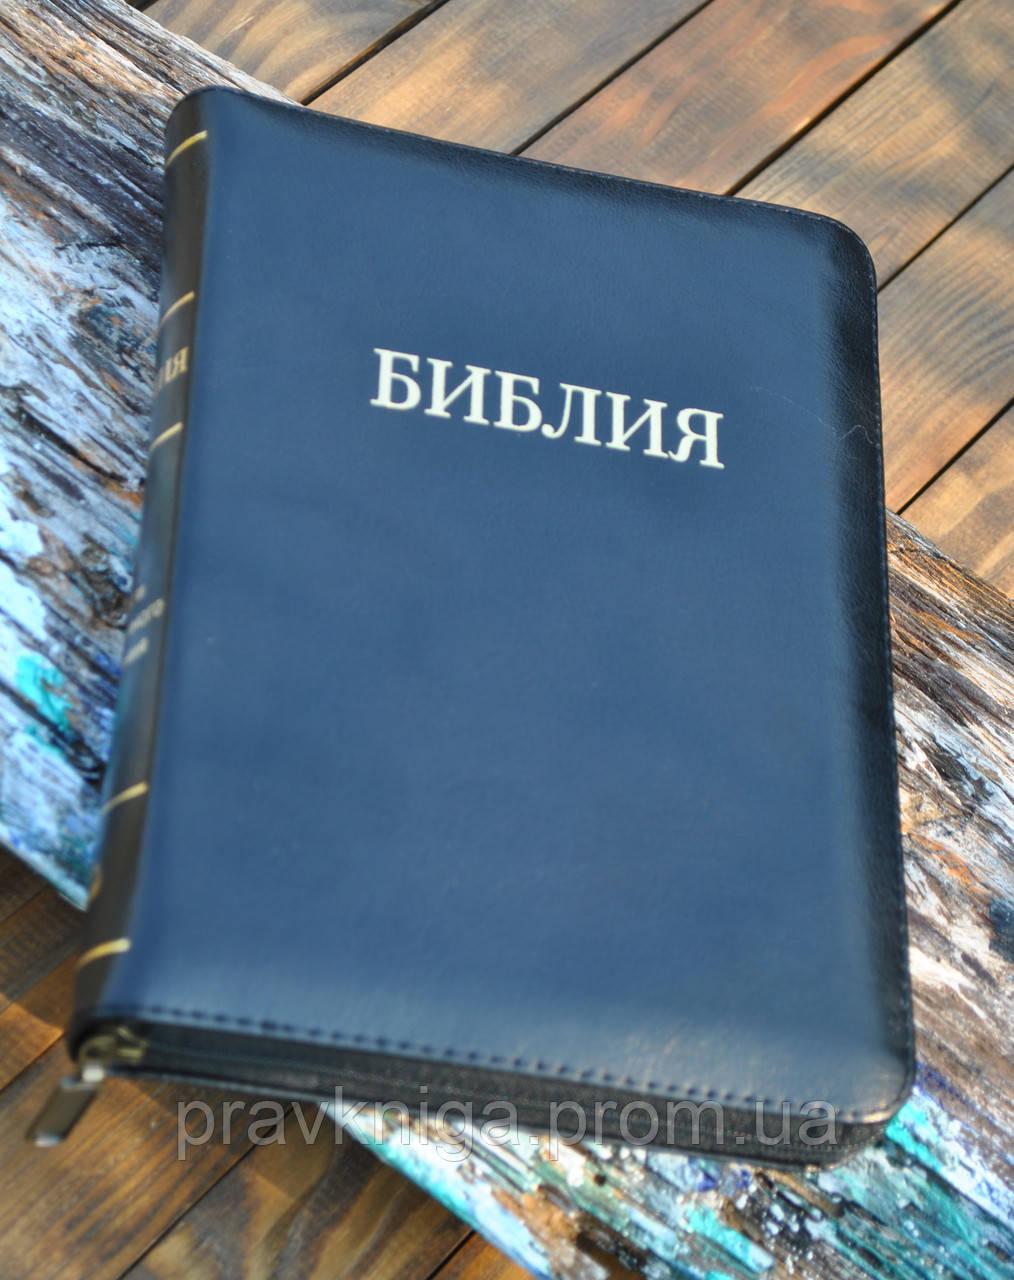 Библия средний формат, кожаная